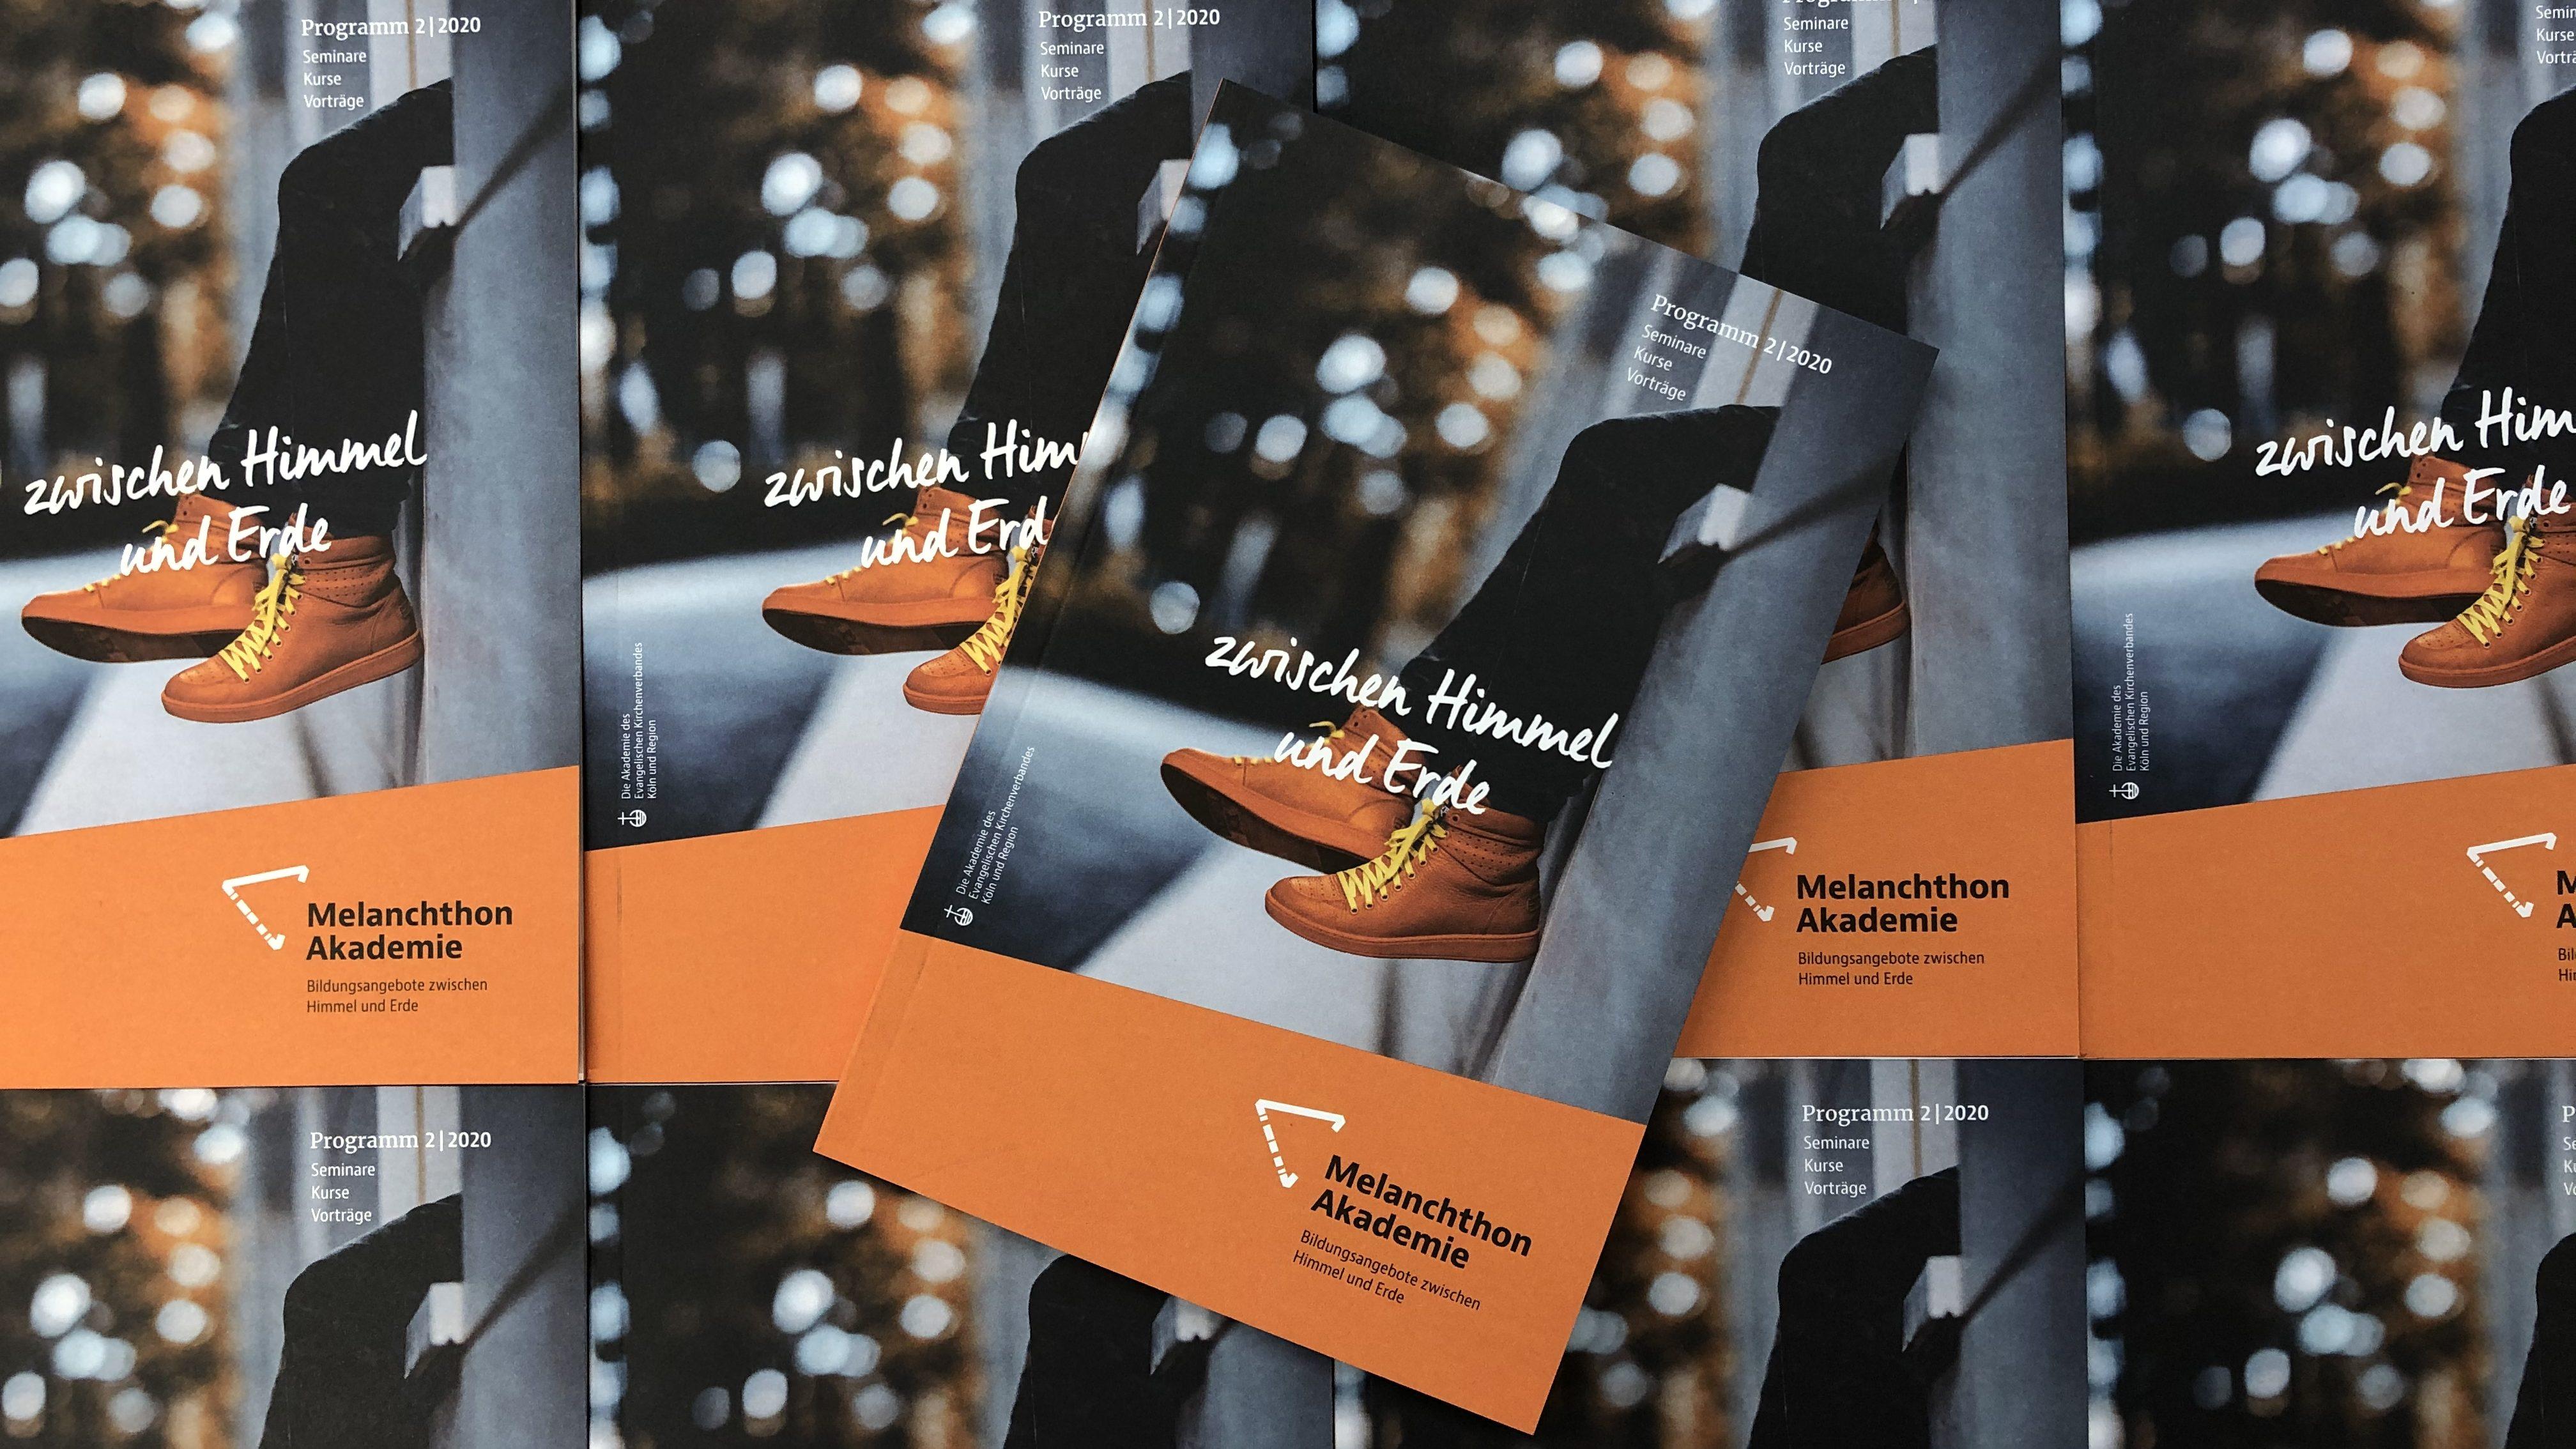 Auf Augenhöhe in Zwischenräumen – Das neue Semesterprogramm der Melanchthon-Akademie II/2020